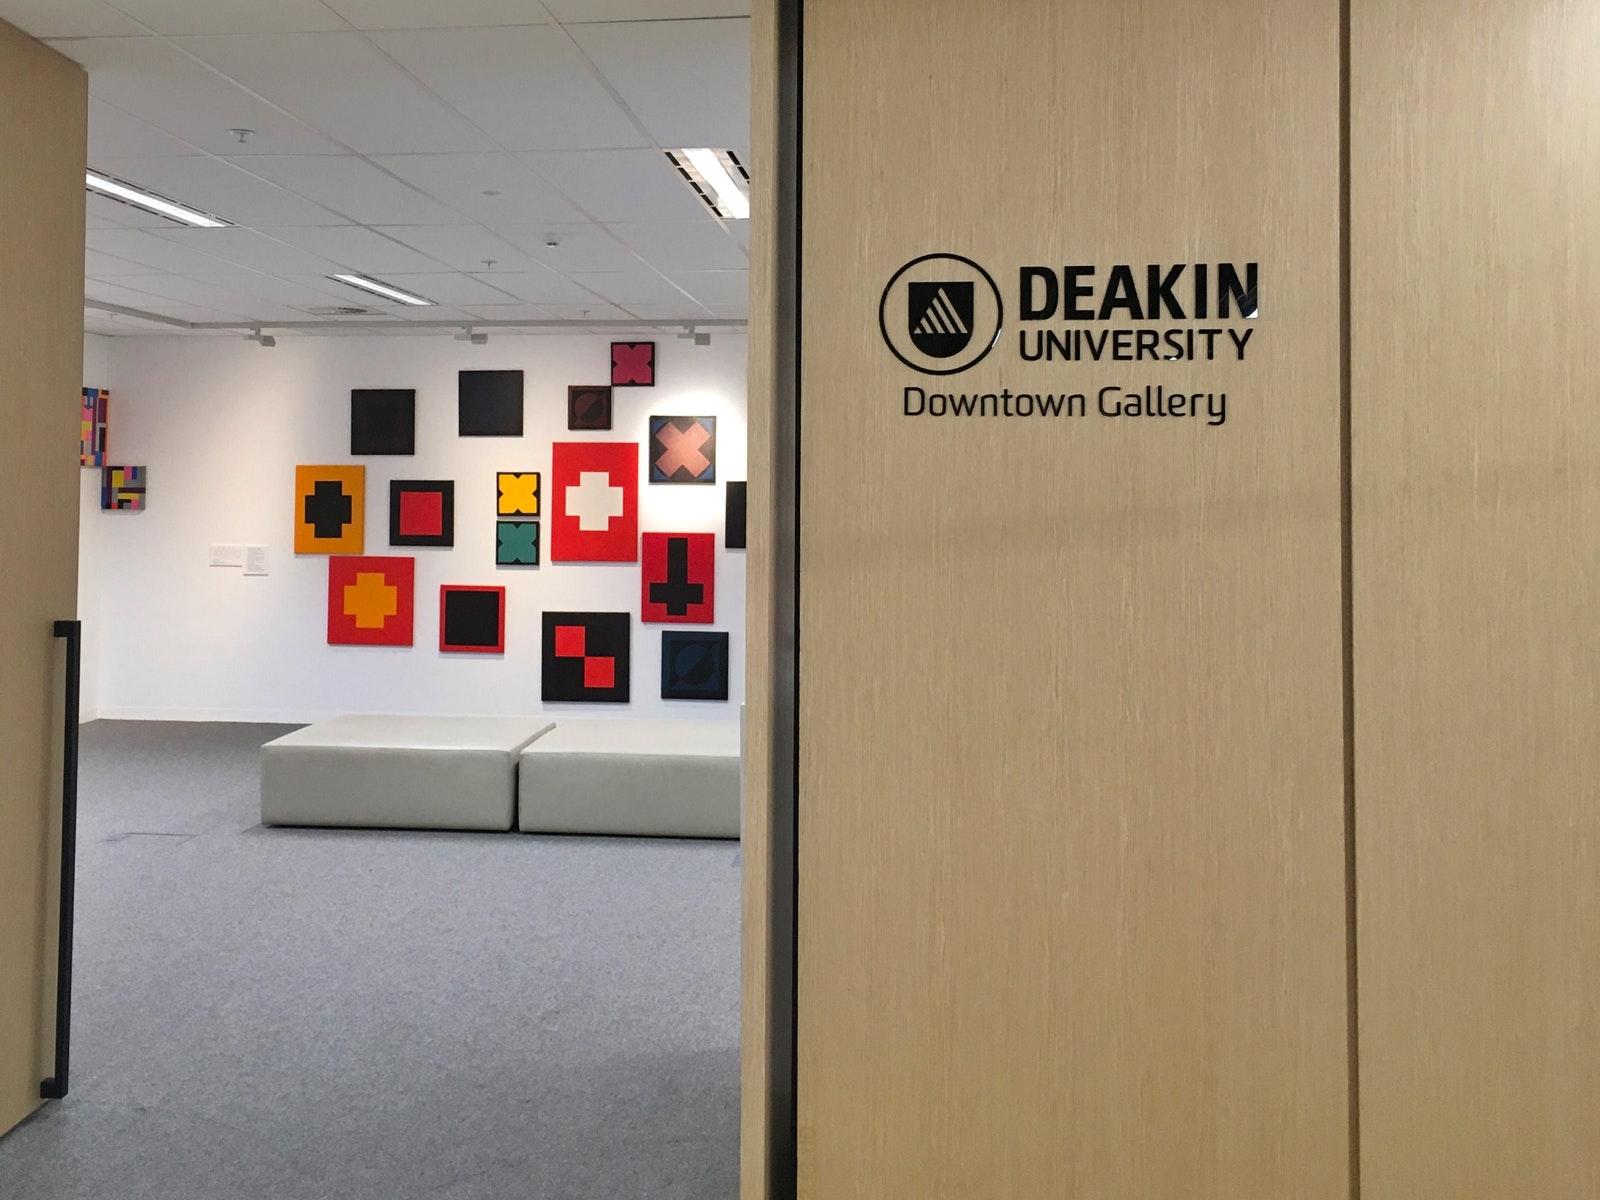 Deakin University Downtown Gallery